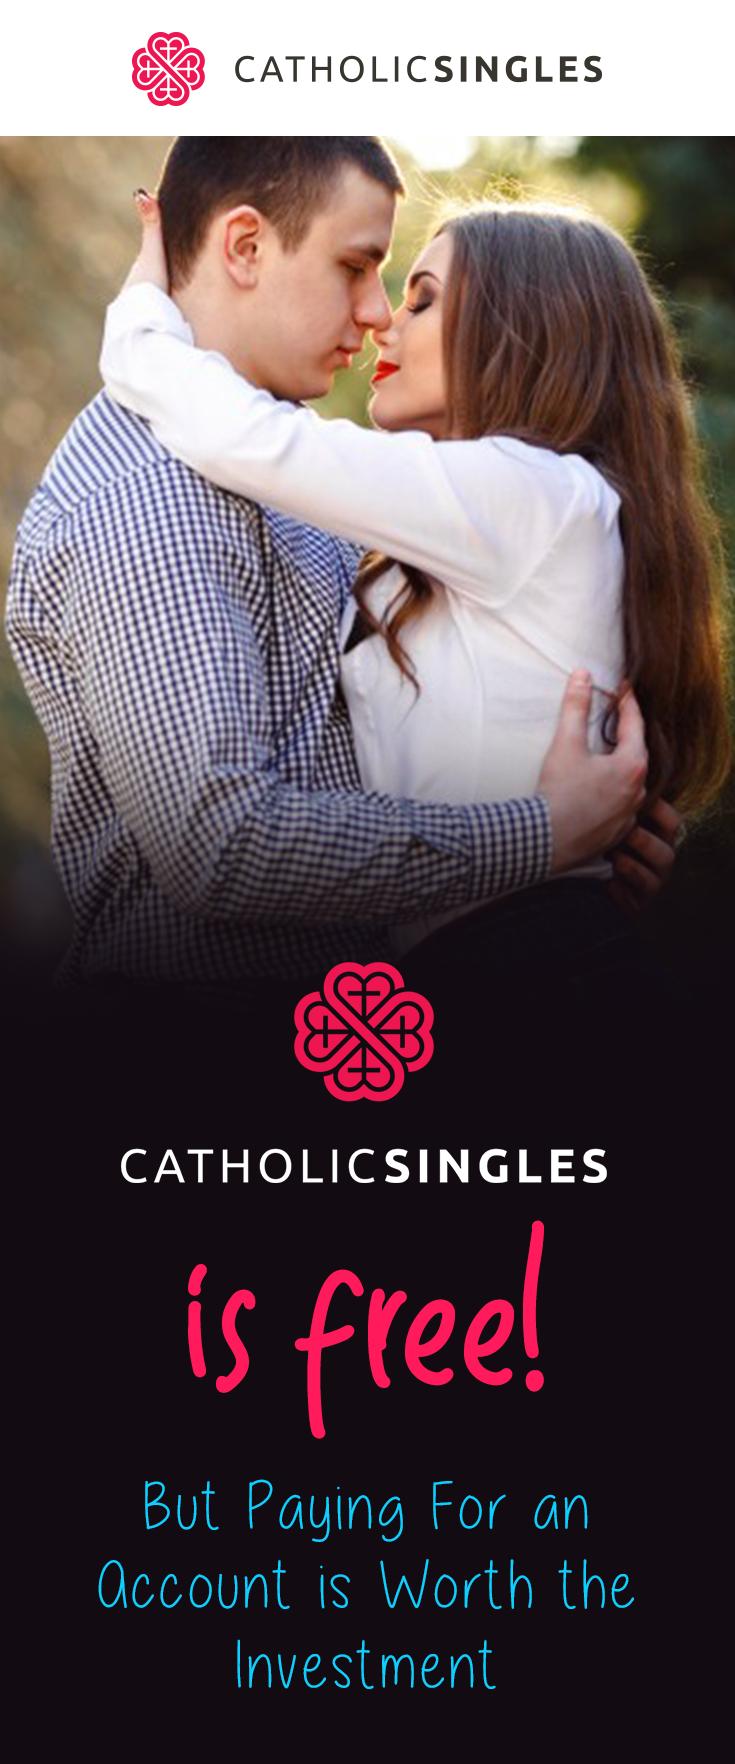 Catholicsingles: o comunitate sănătoasă pentru dating pentru singuri de credință